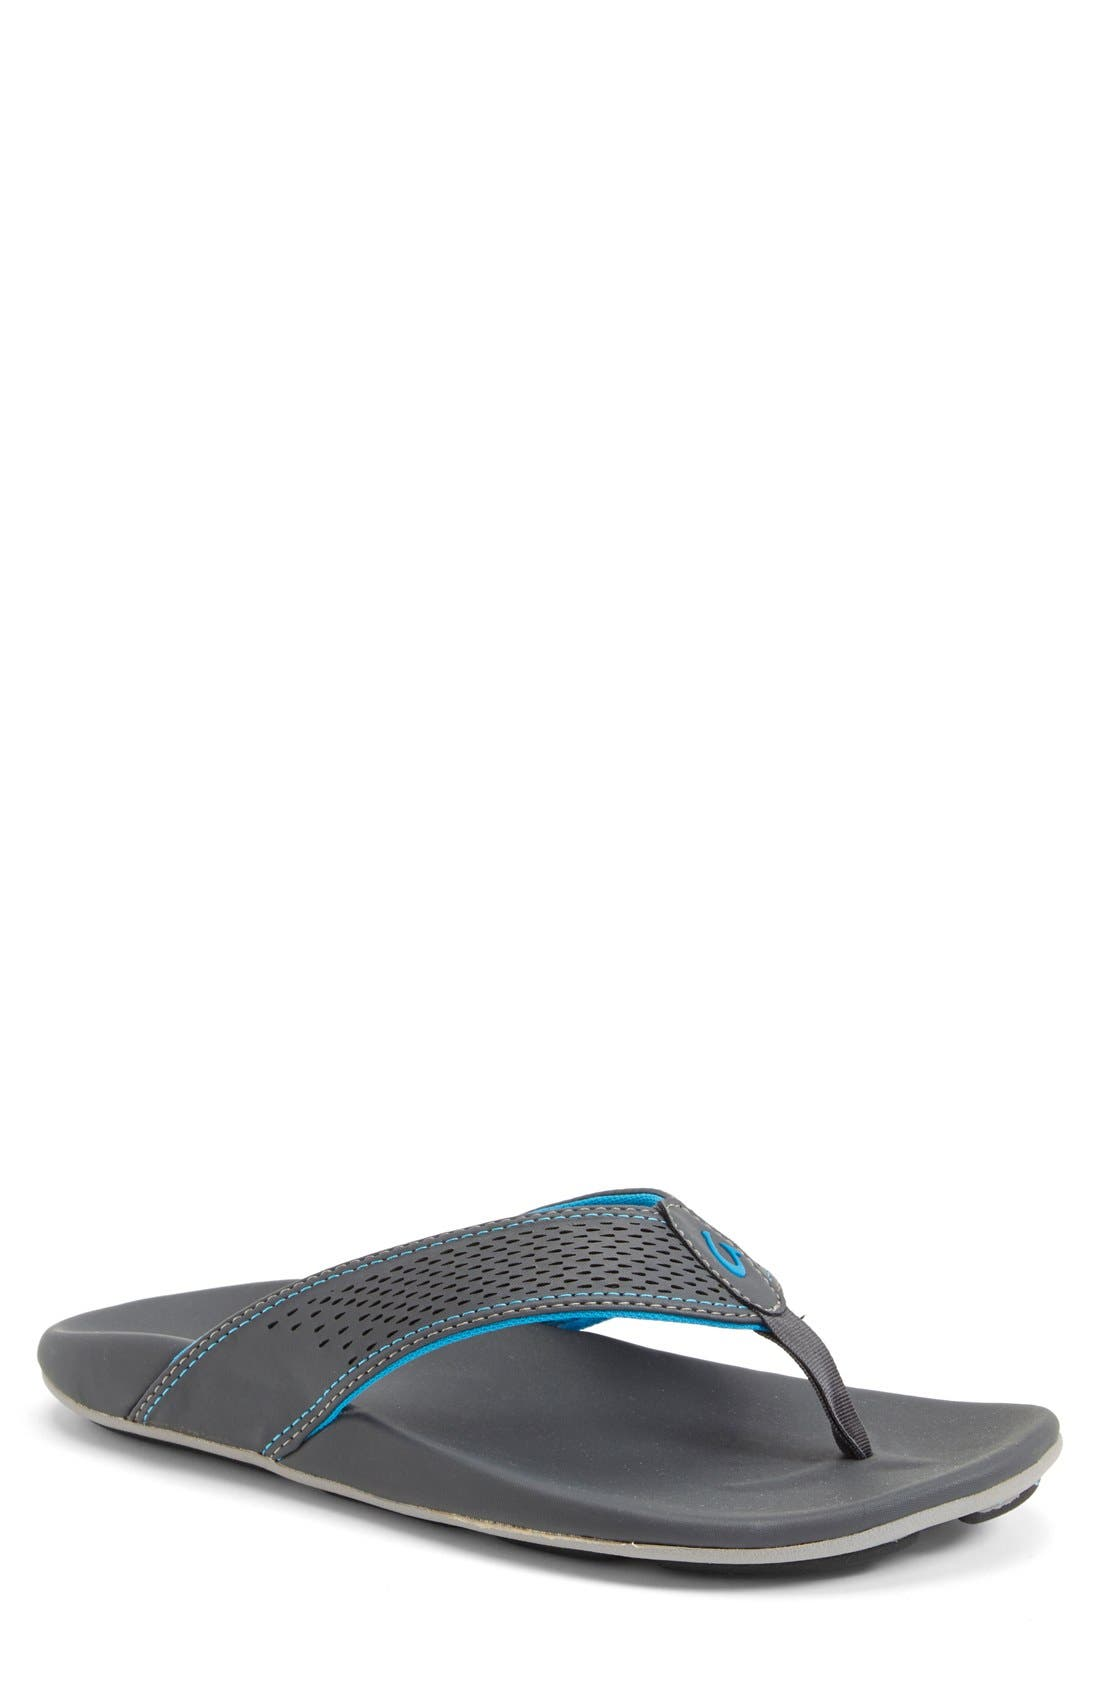 OLUKAI 'Kekoa' Water Resistant Perforated Flip Flop, Main, color, 029